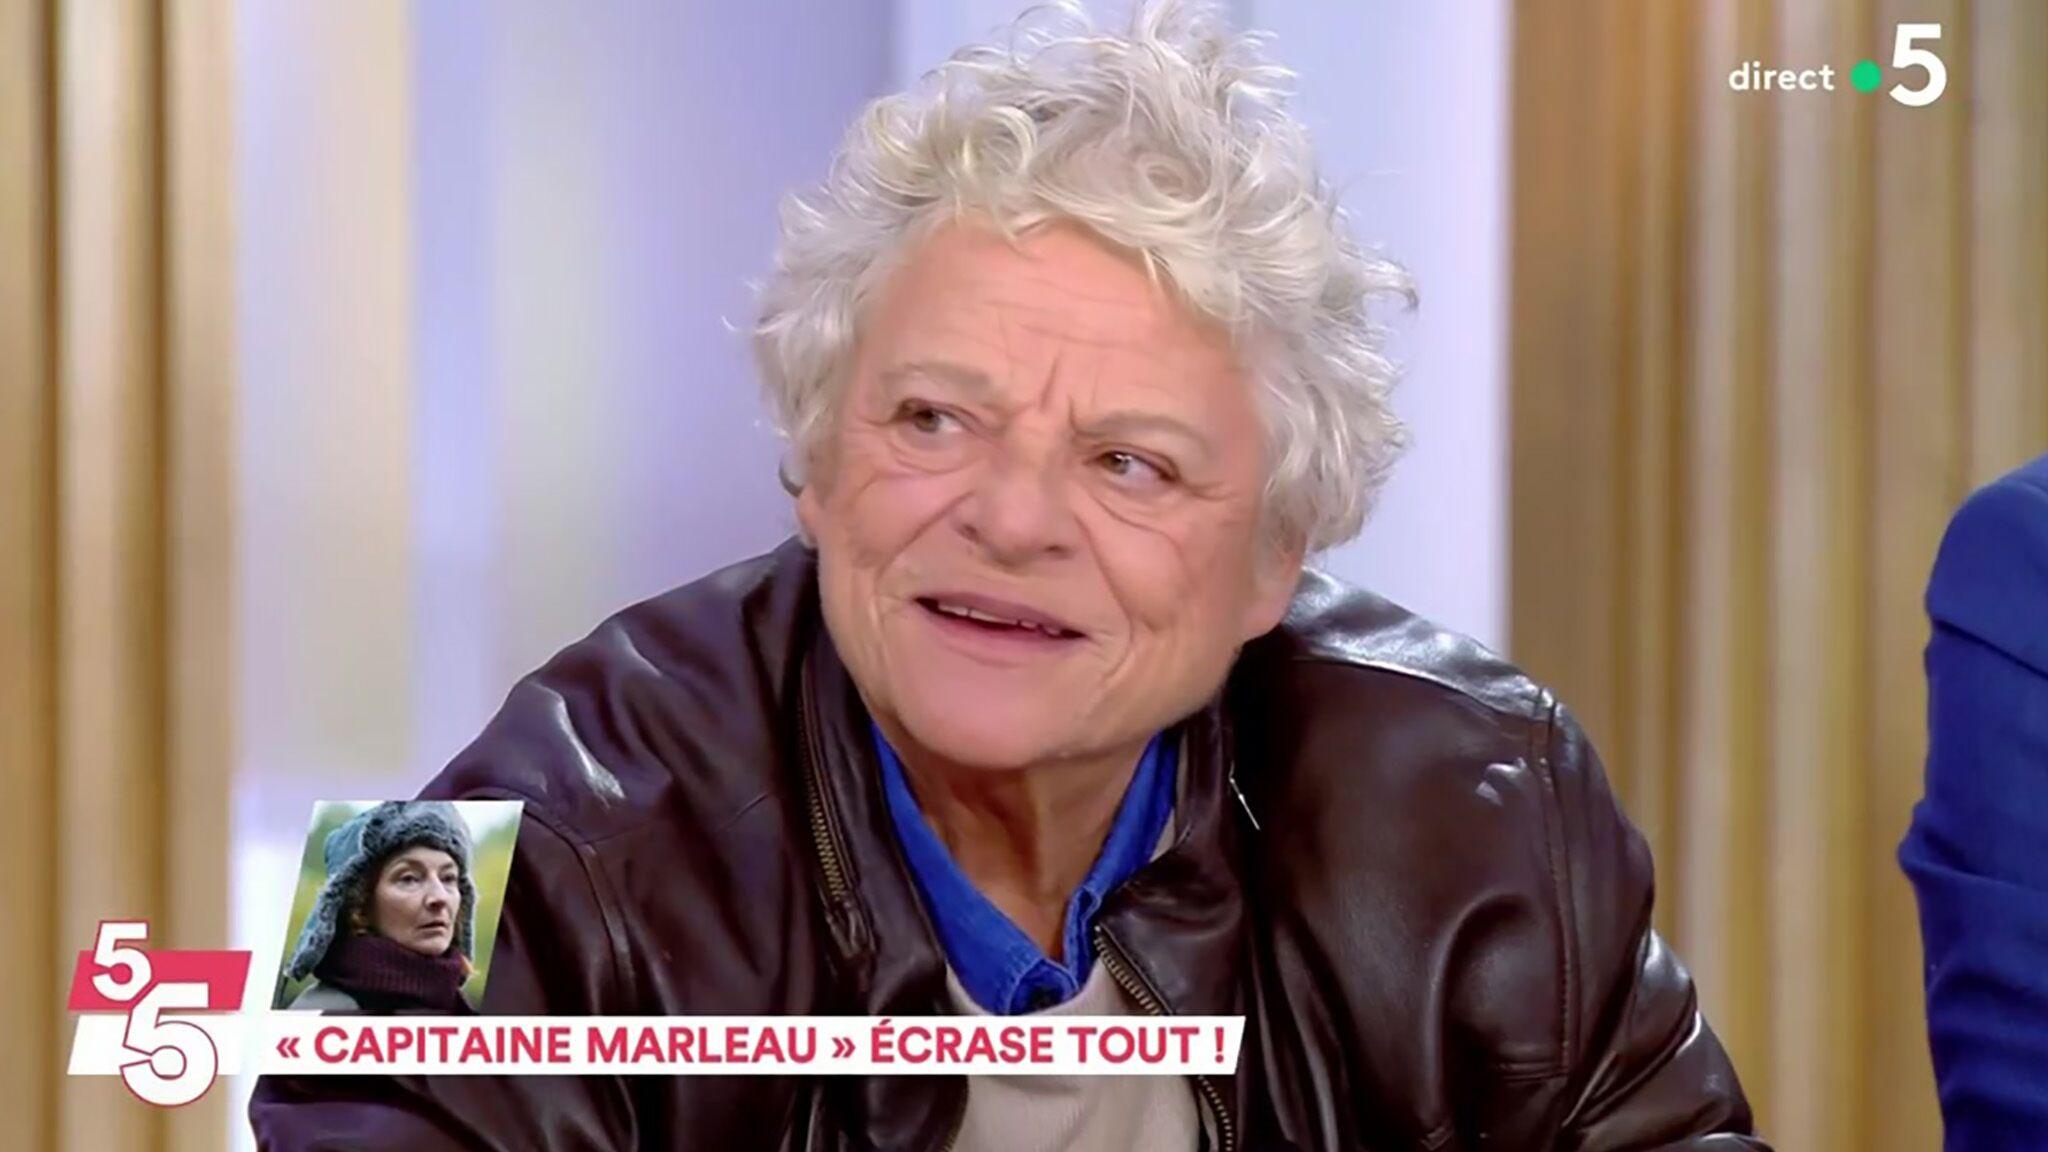 Capitaine Marleau : le geste incroyable de Gérard Depardieu pour jouer dans la série